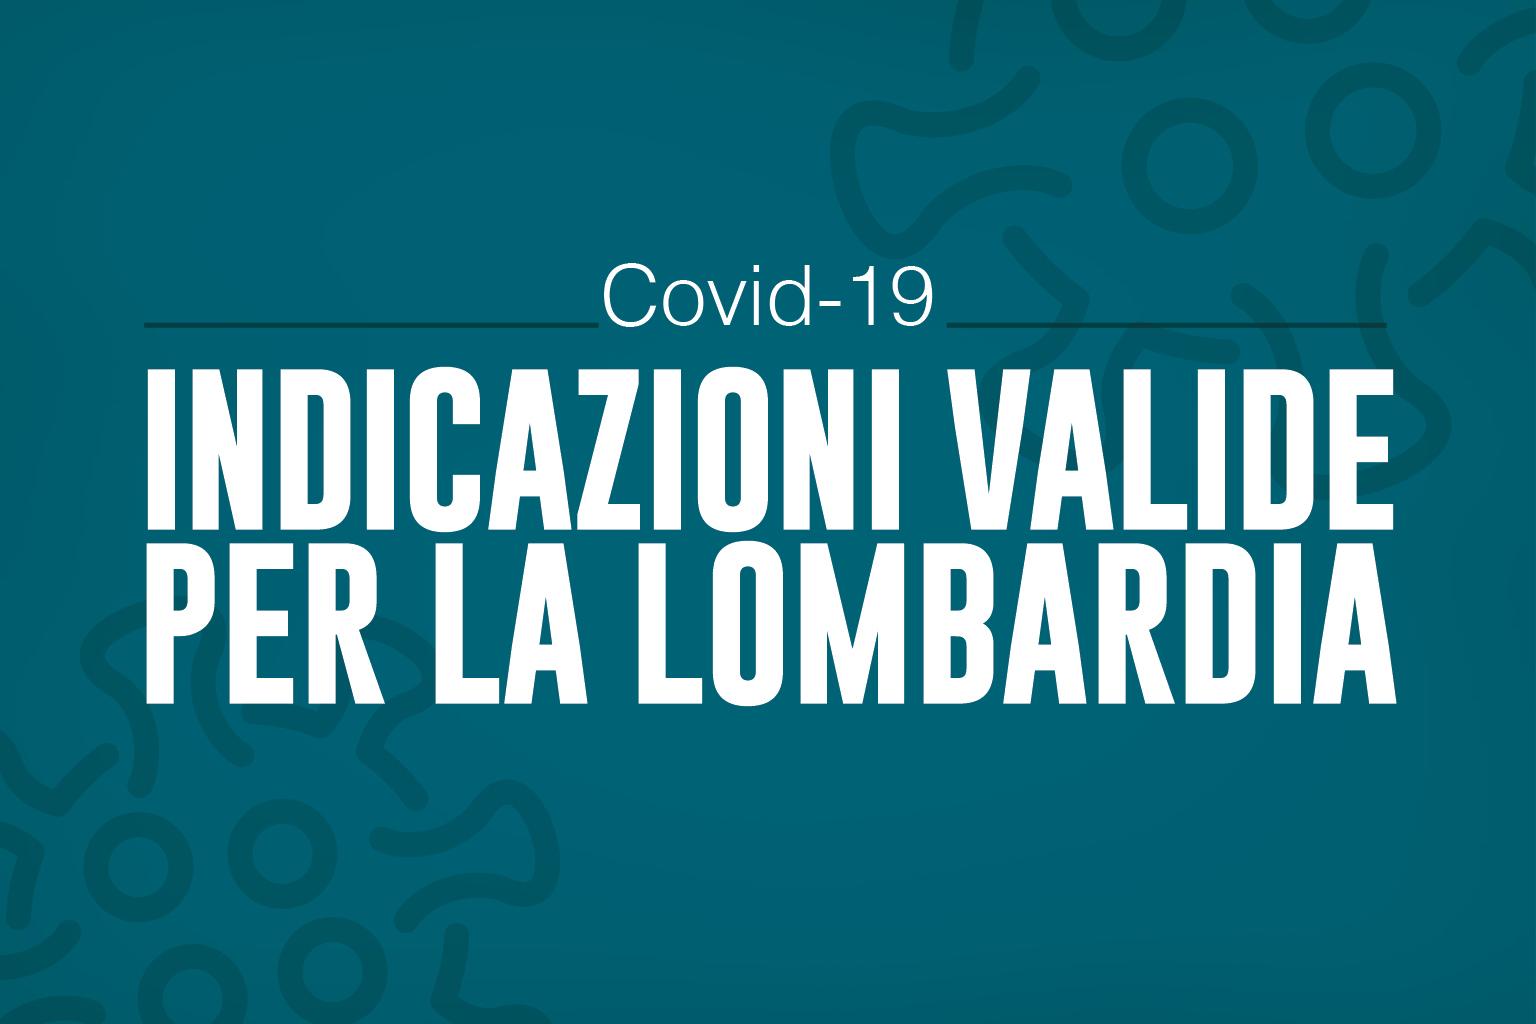 Indicazioni valide per la Lombardia